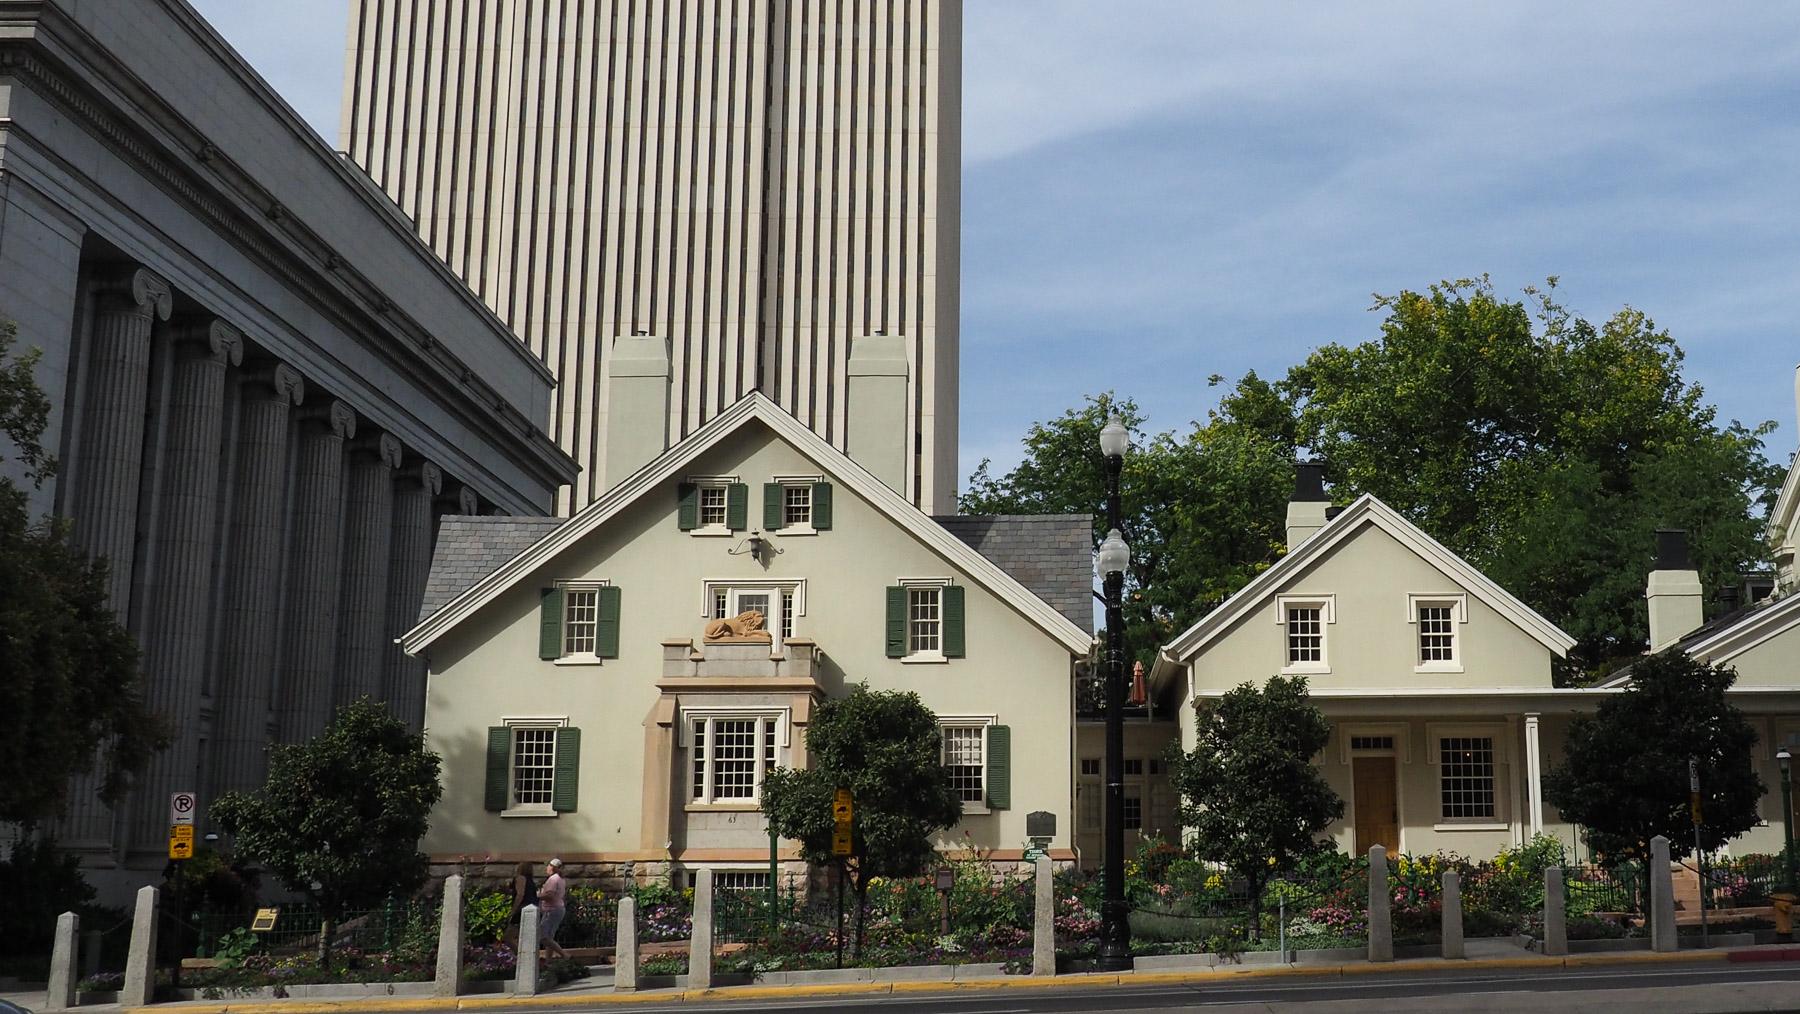 Wohnhaus des Kirchengründers B.Young, das Haus für seine 27 Frauen u. 56 Kinder, das Justizgebäude und im Hintergrund die Kirchenverwaltung